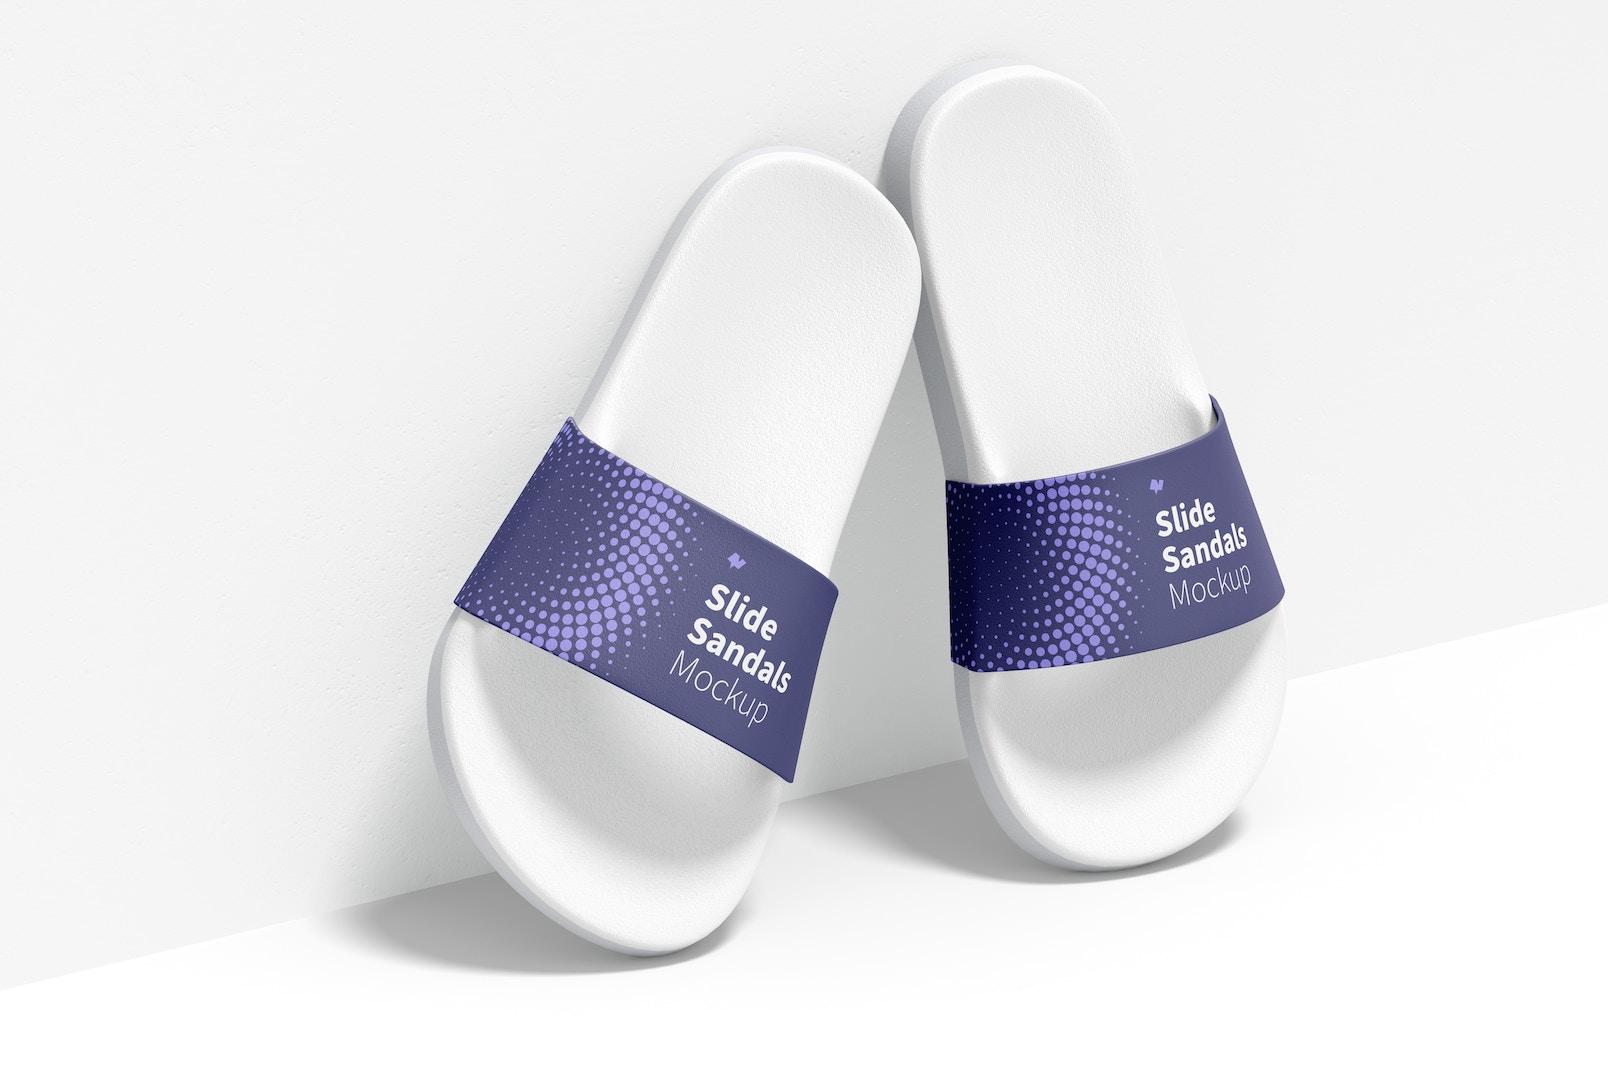 Slide Sandals Mockup, Leaned